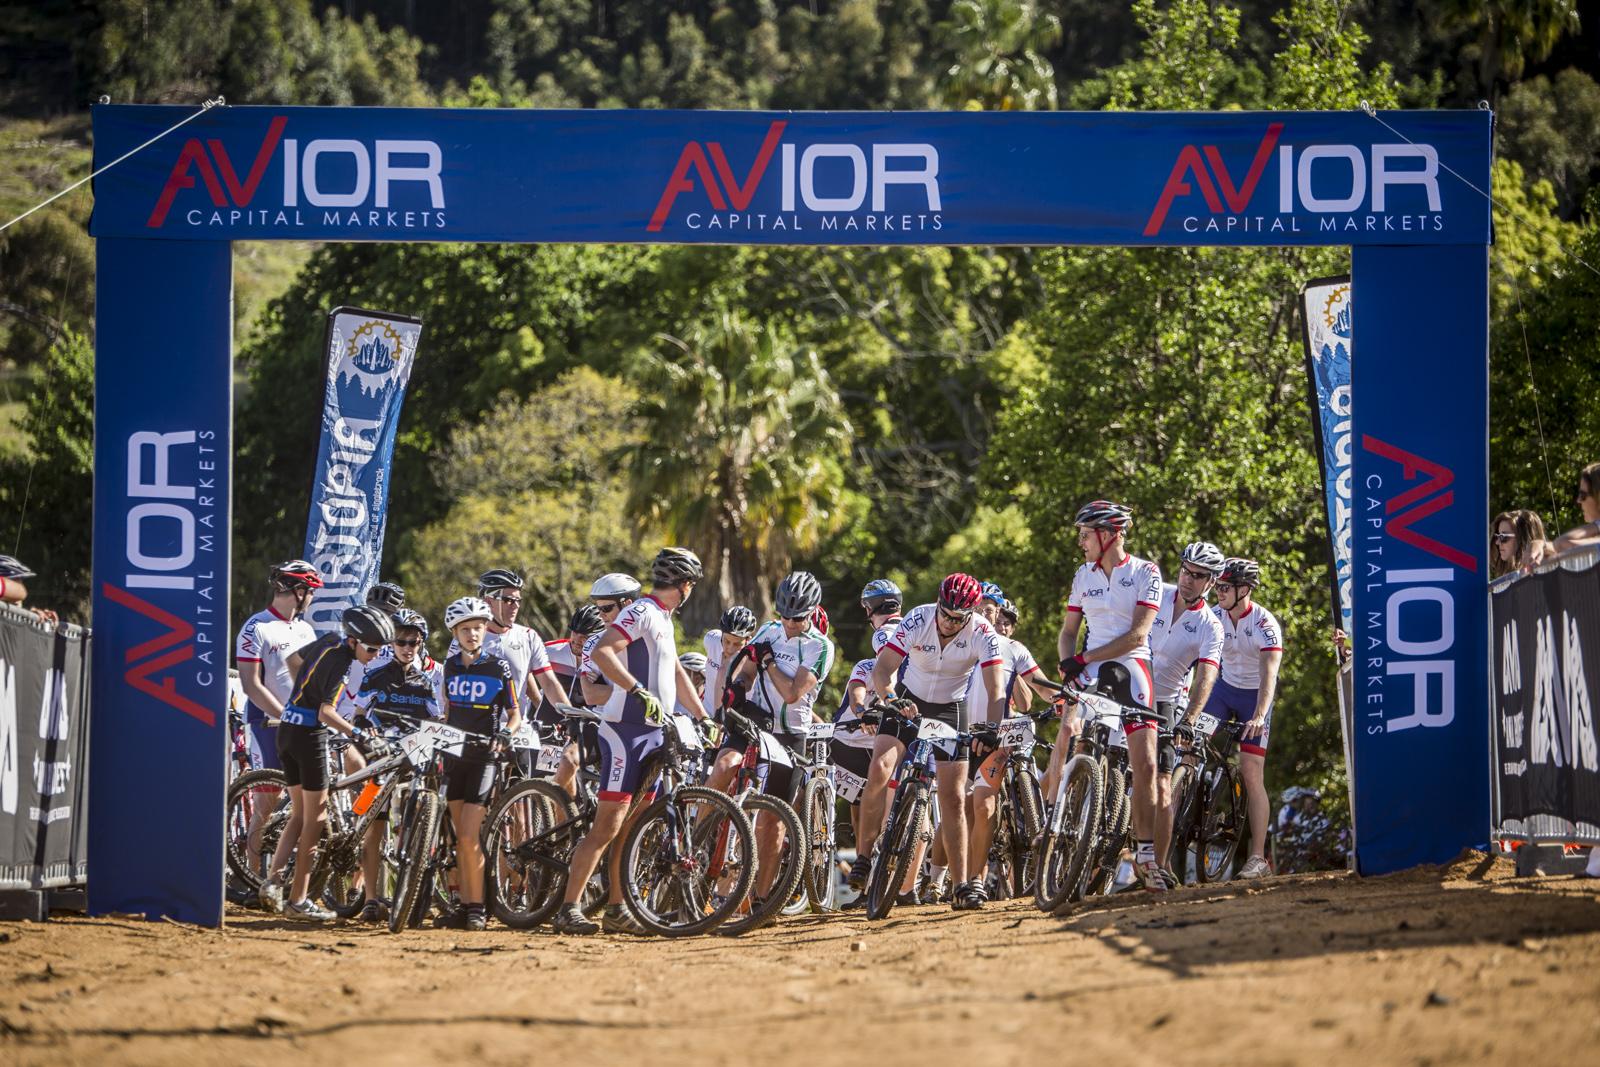 Avior Mountain bike day